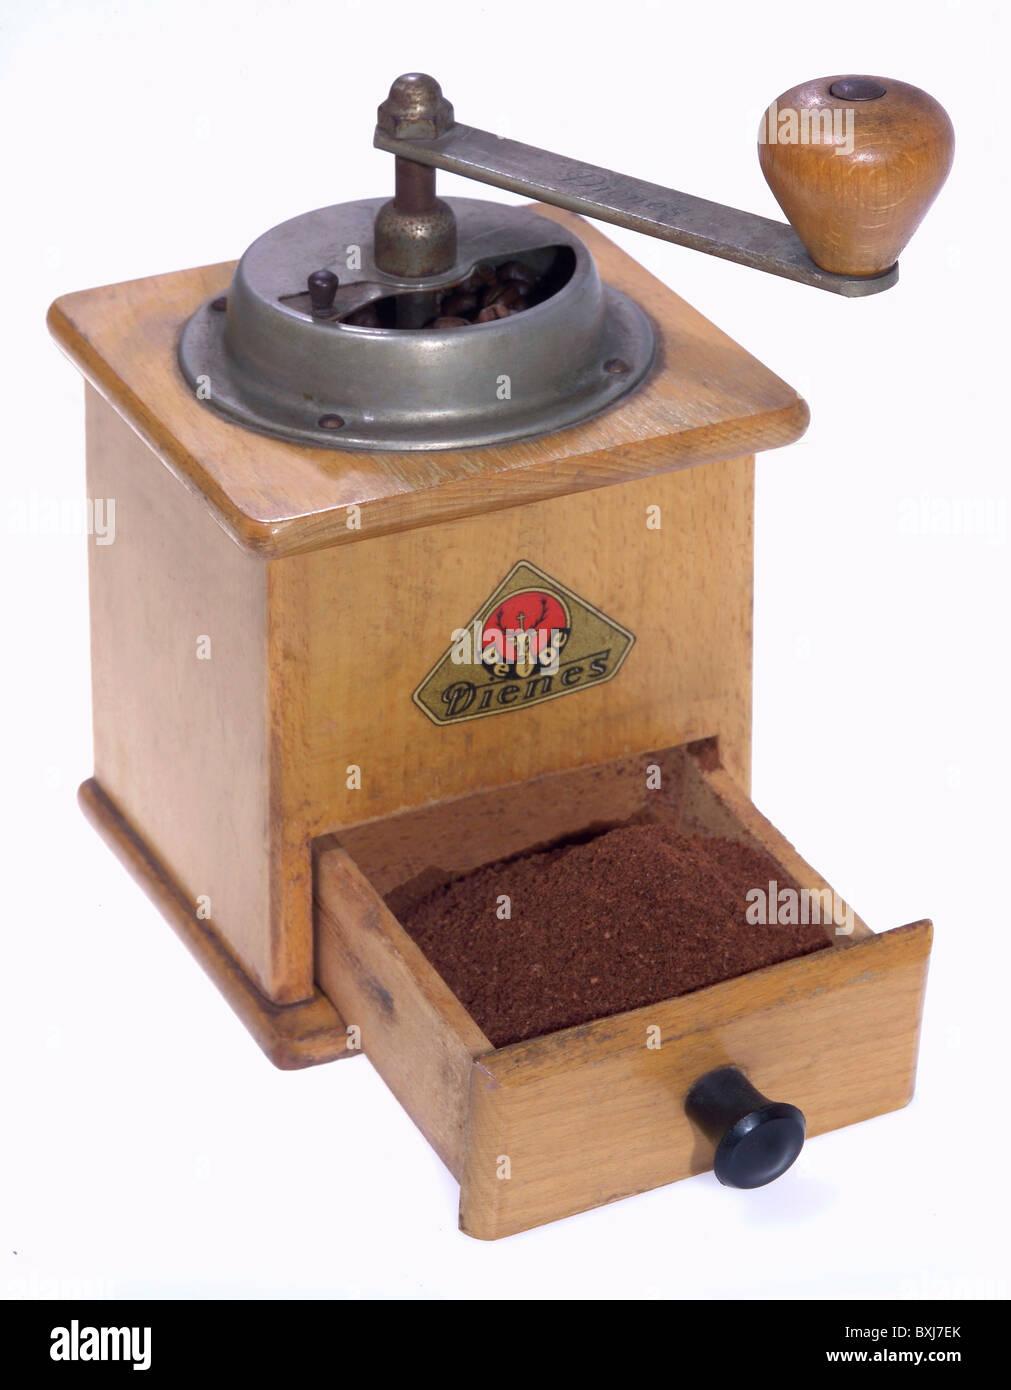 haushalt k che und geschirr kaffeem hle kaffeebohnen deutschland anfang der 1950er jahre. Black Bedroom Furniture Sets. Home Design Ideas